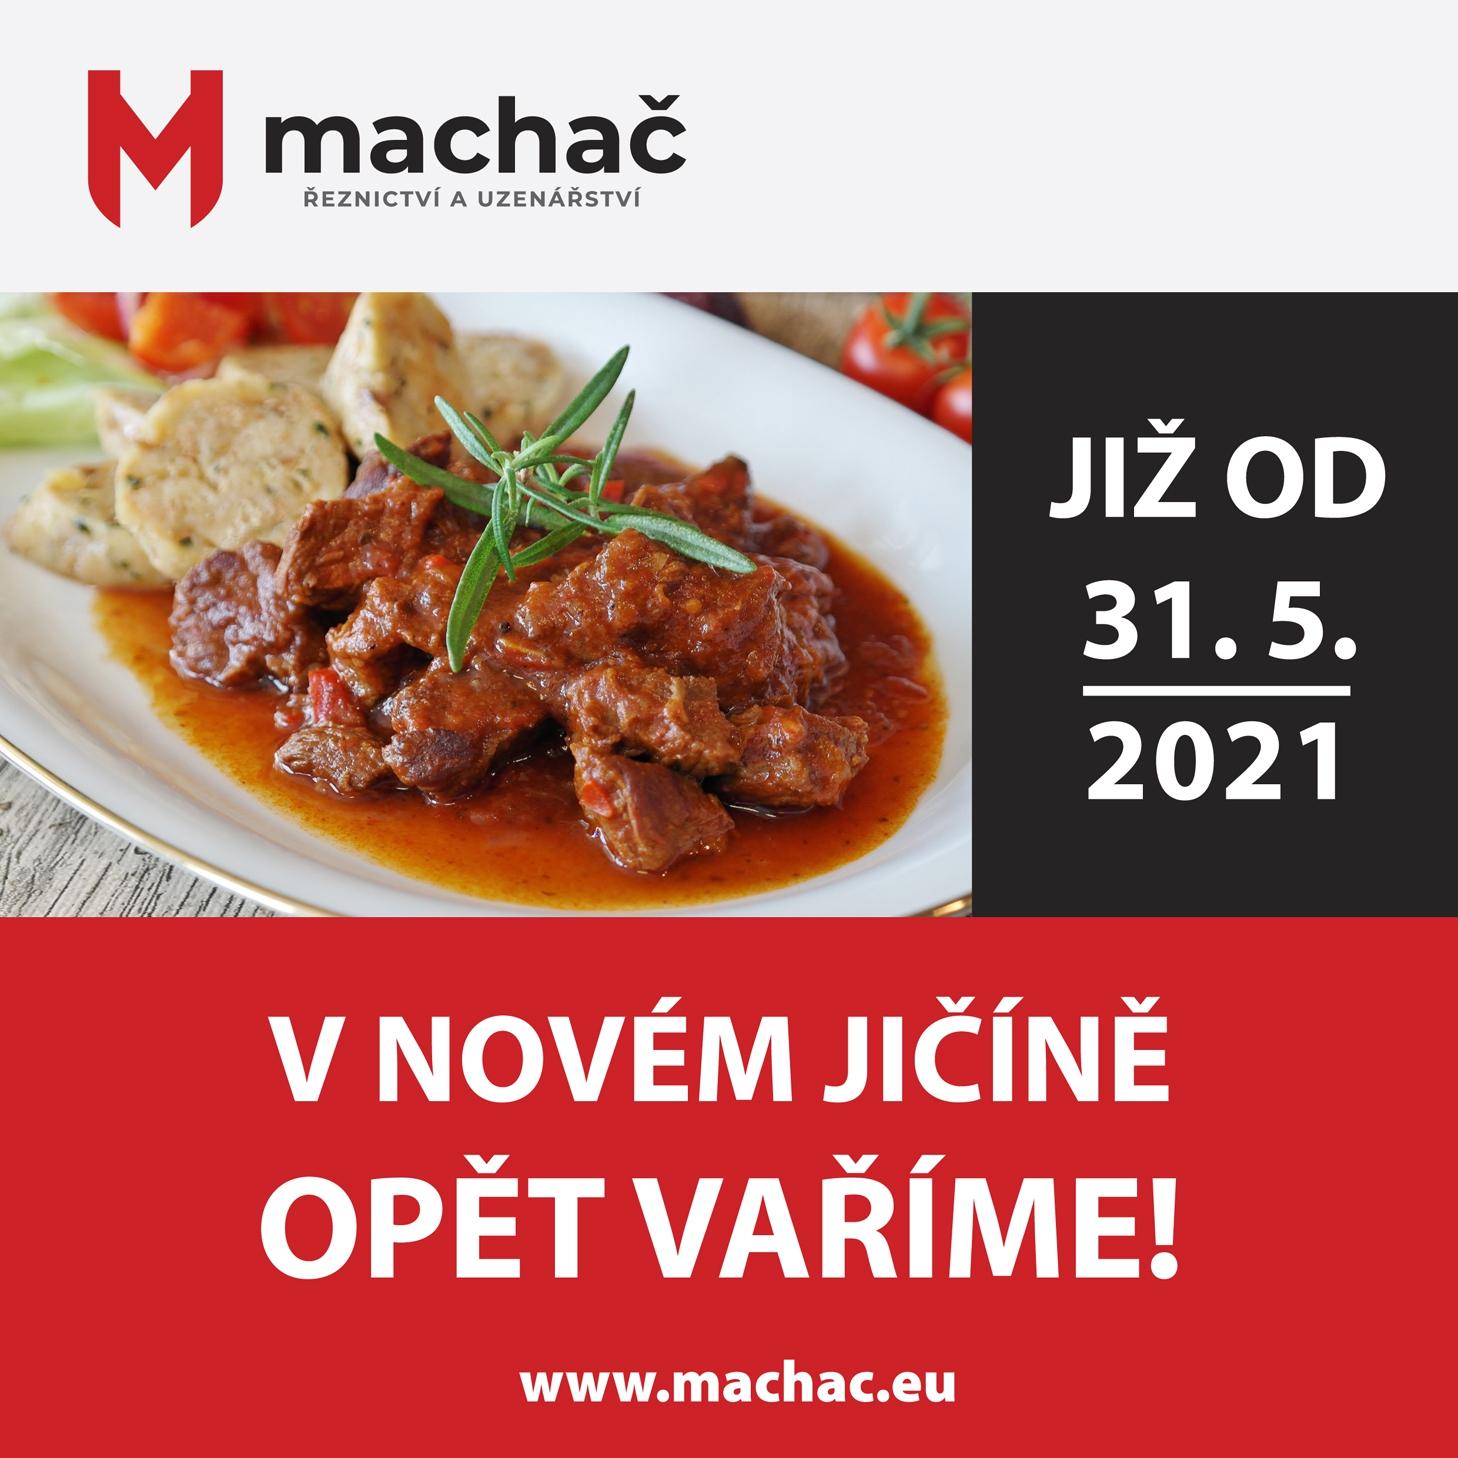 V Novém Jičíně od 31. 5. 2021 opět vaříme!